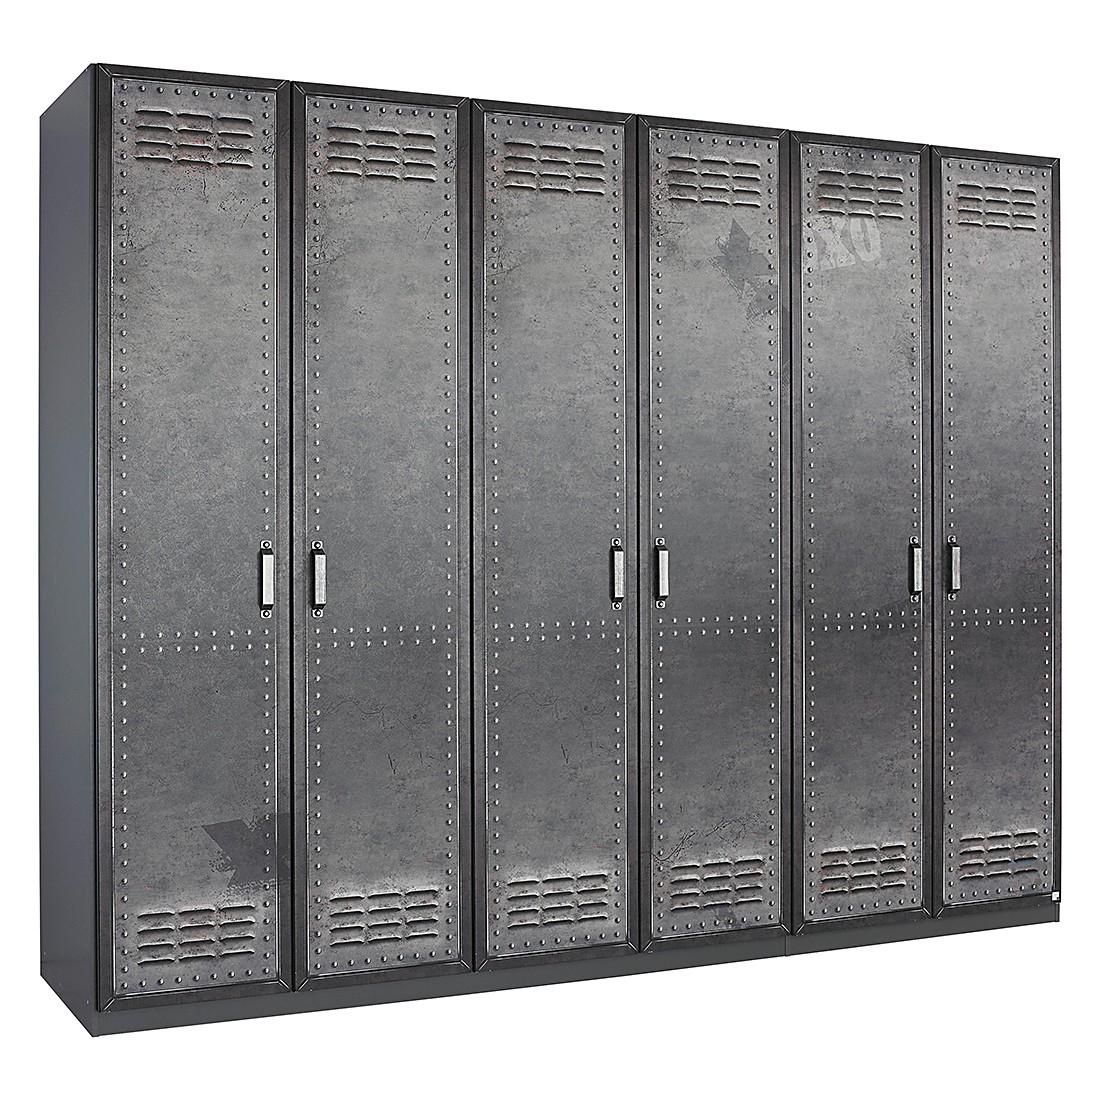 goedkoop Draaideurkast Workbase industrial print look grafietkleurig 136cm 3 deurs Rauch Select